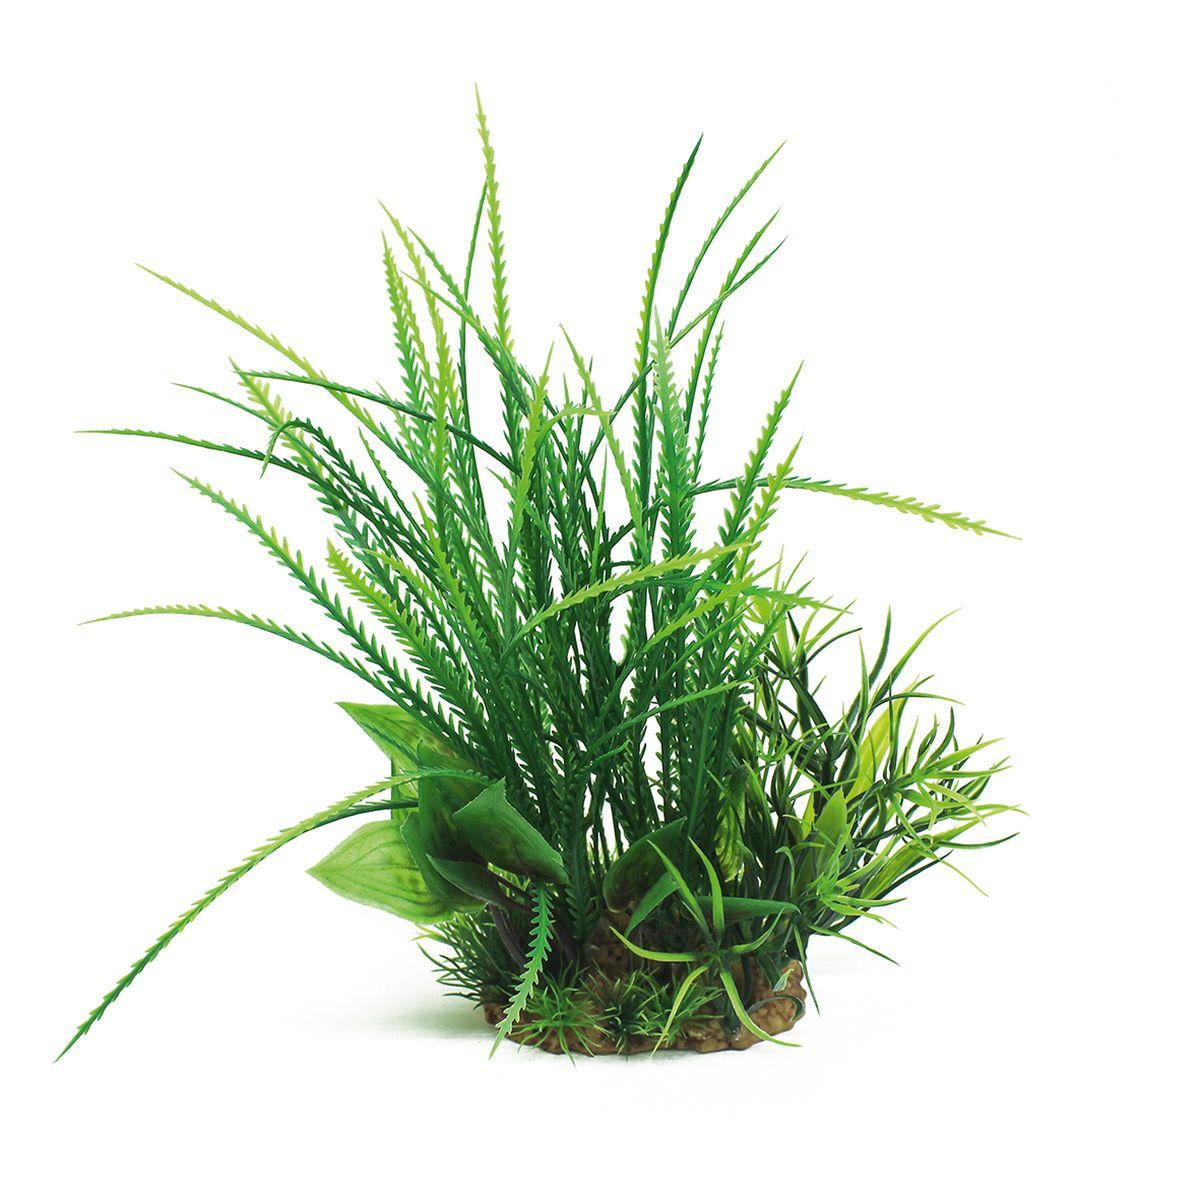 Растение для аквариума ArtUniq Гигрофила перистонадрезанная, высота 20 смART-1160205Растение для аквариума ArtUniq Гигрофила перистонадрезанная, высота 20 см